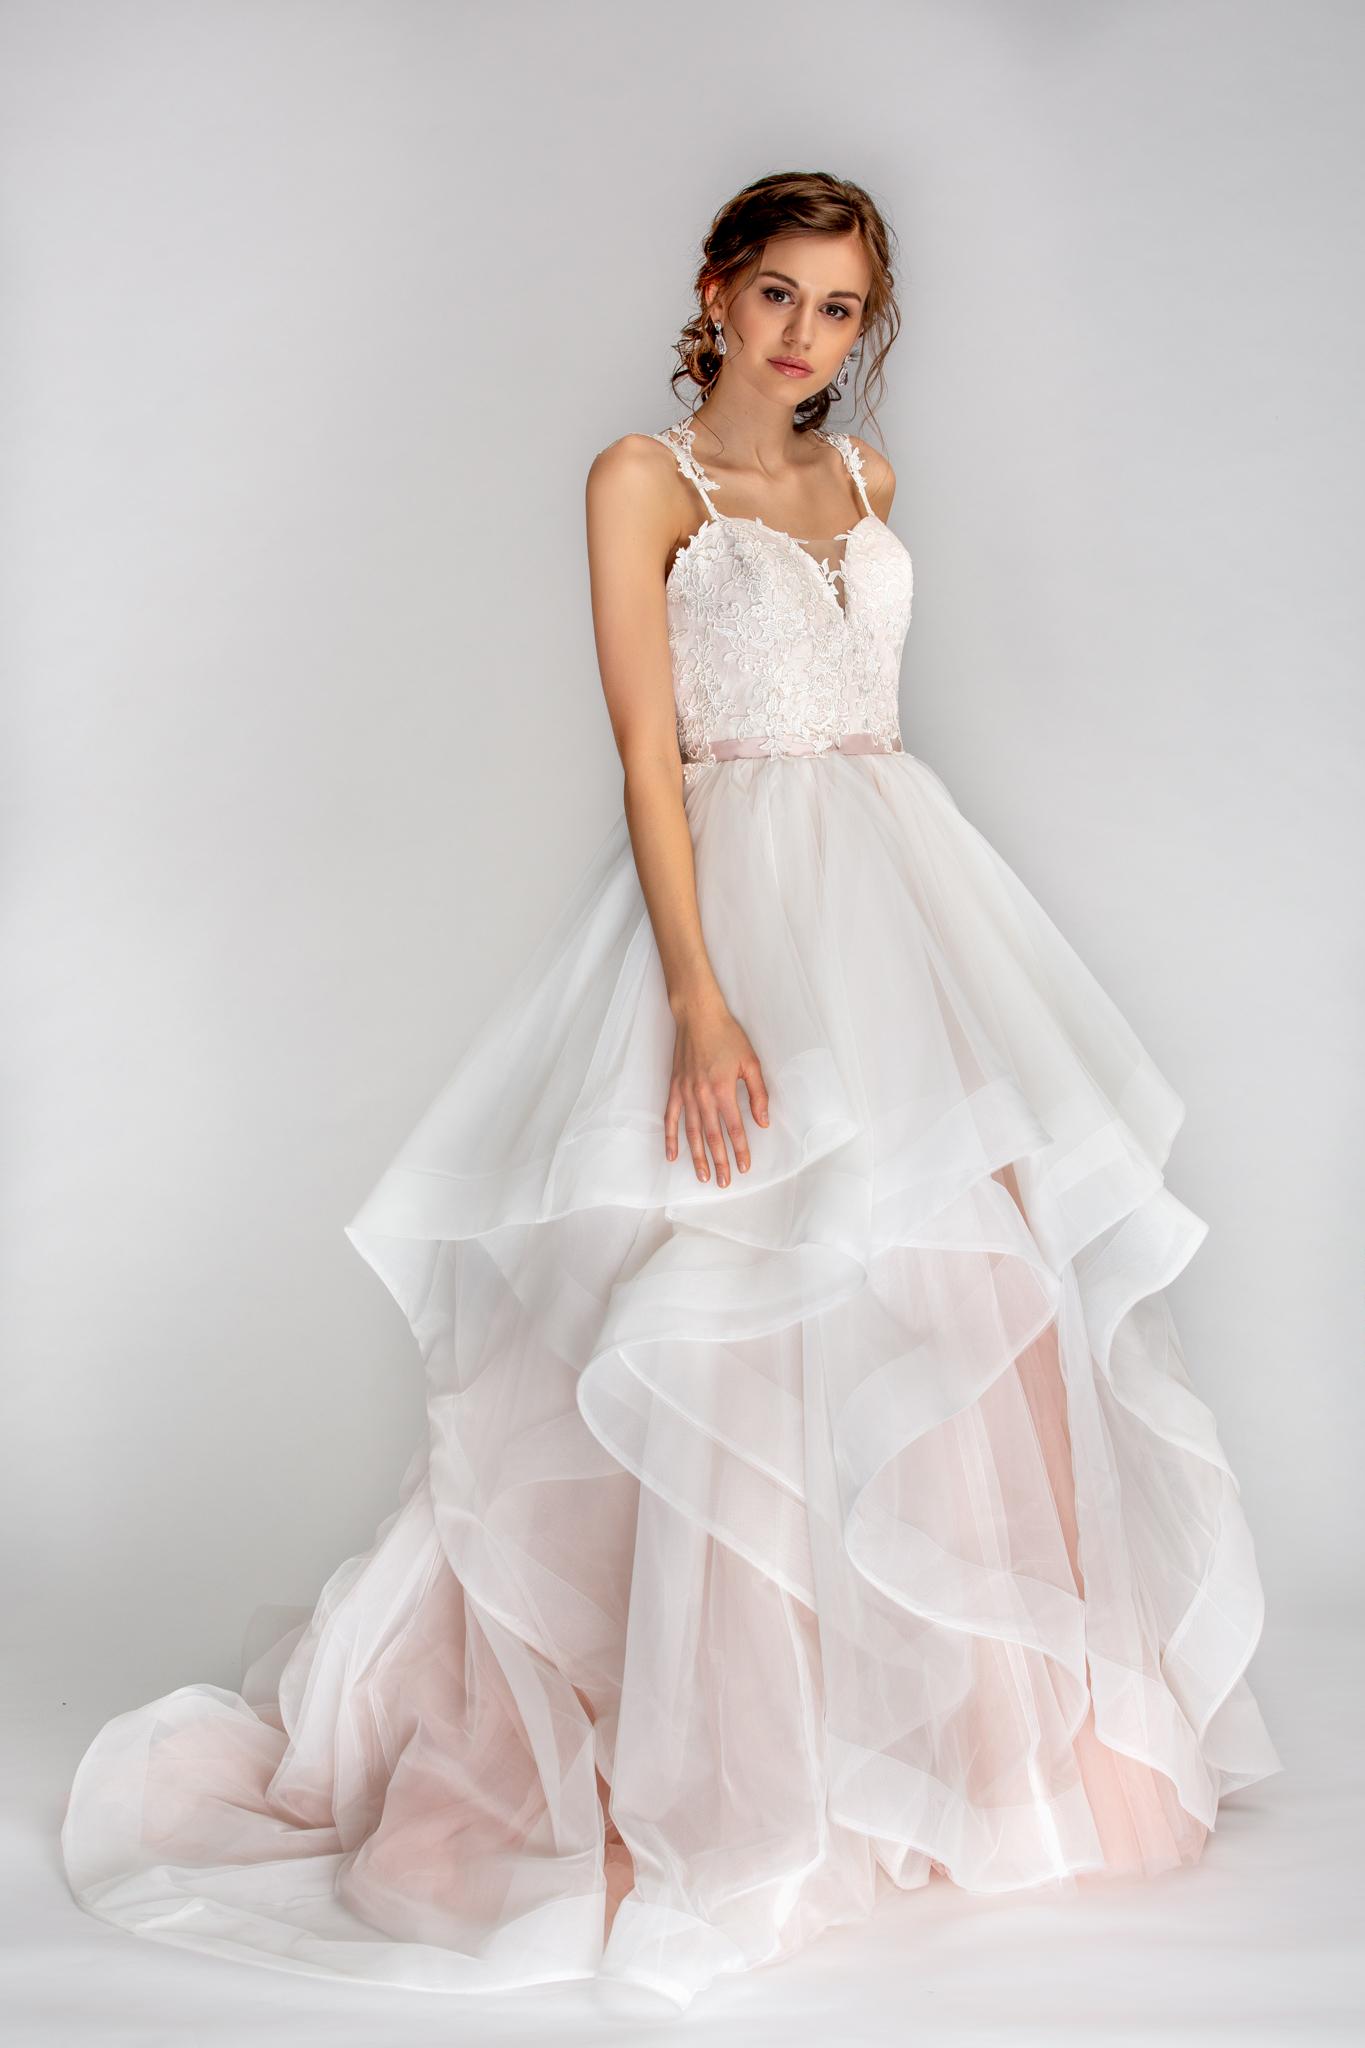 Hochzeitskleid Brautkleid Candy Bespoke Bridal Vienna